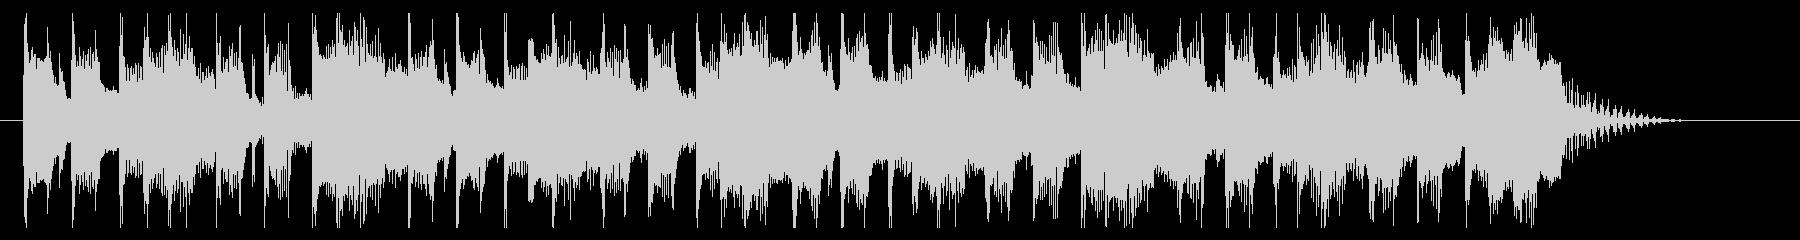 コミカルでクイズのシンキングタイム的な曲の未再生の波形